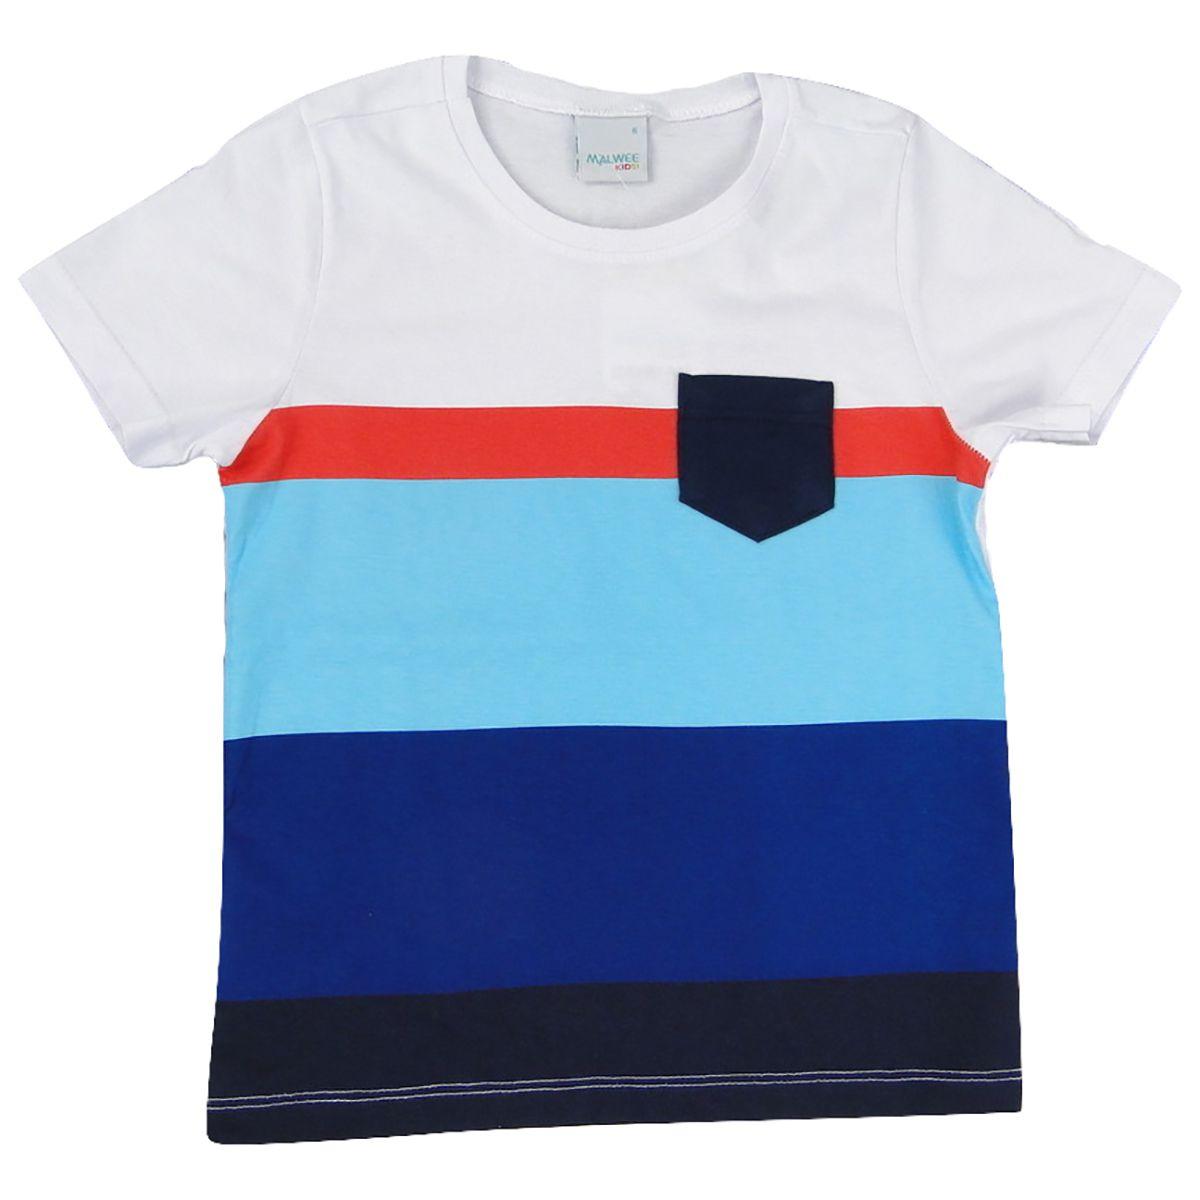 Kit Duas Camisetas Malwee Masculinas